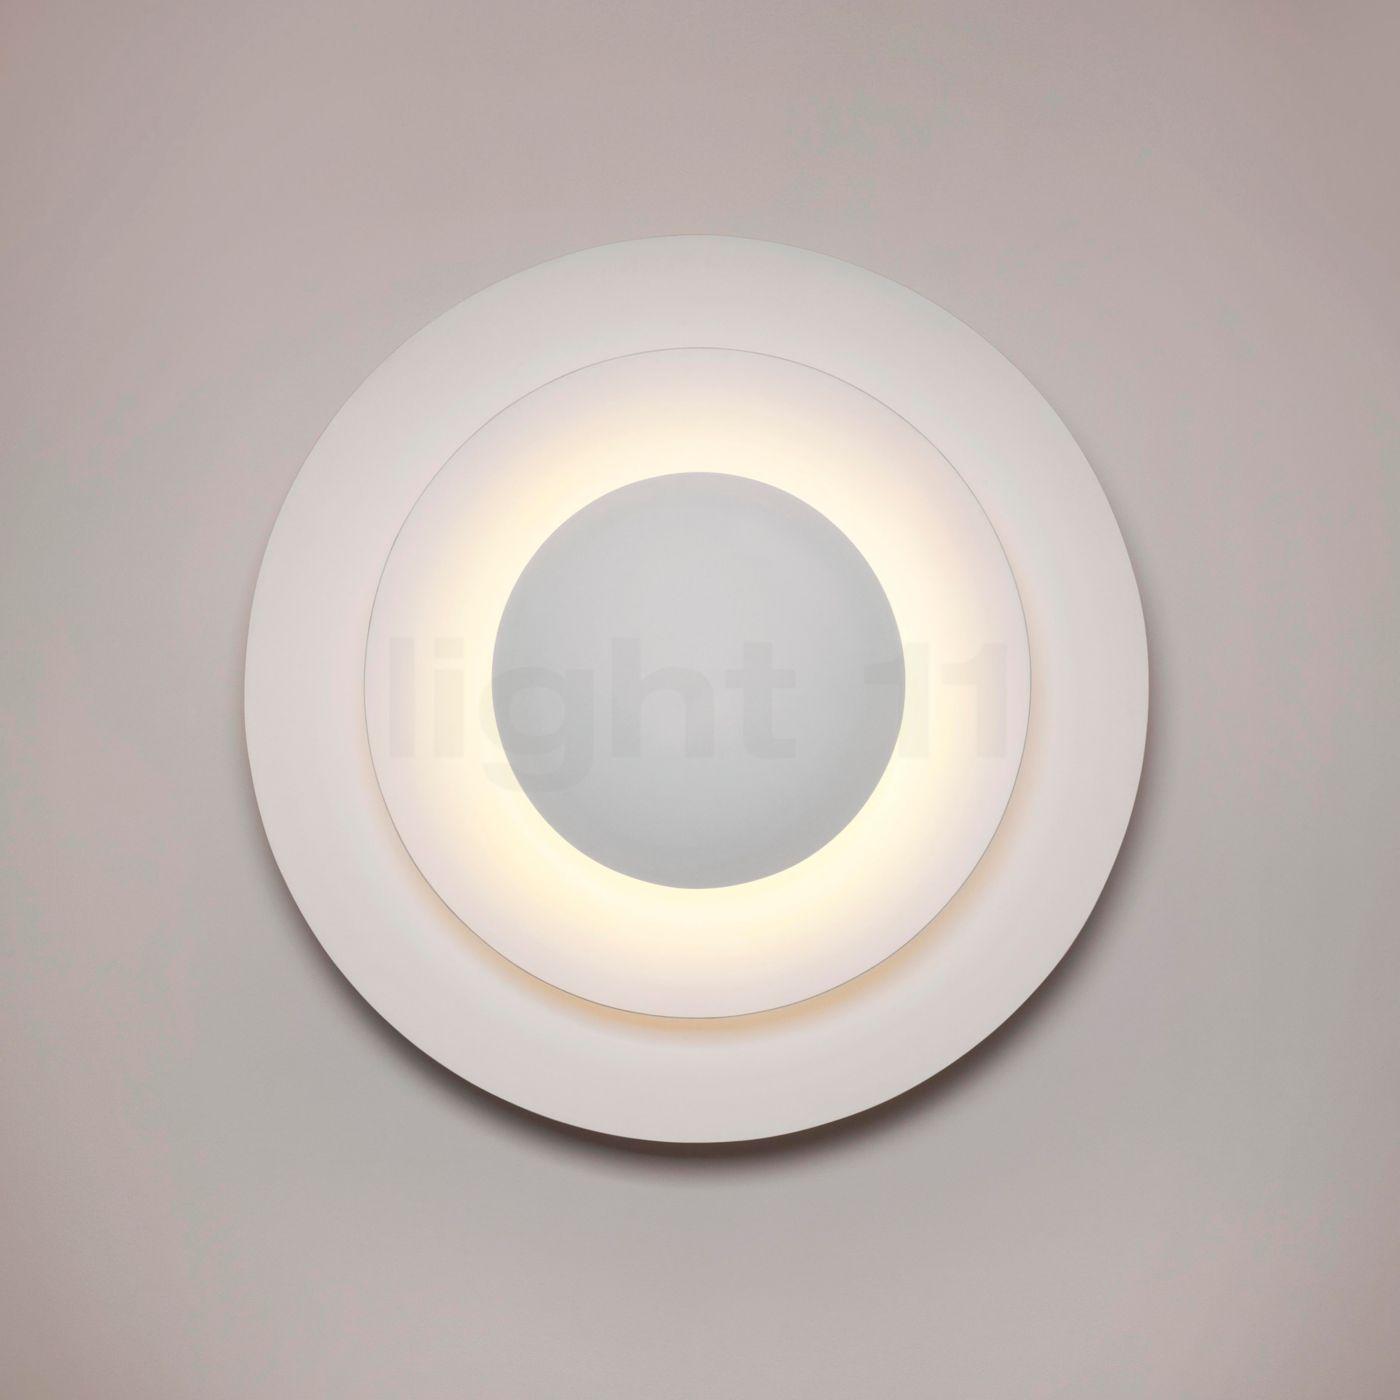 Catellani & Smith Macchina della Luce Parete 80 cm